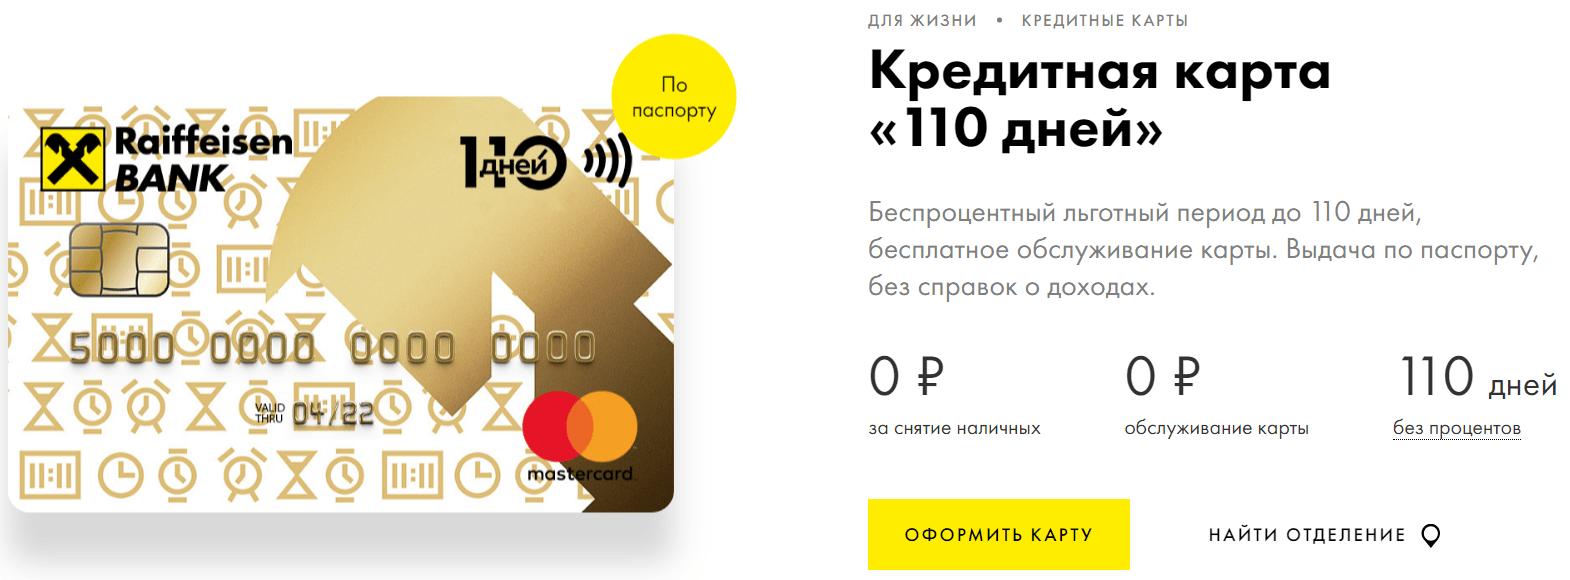 кредитная карта со снятием без процентов райффайзенбанк